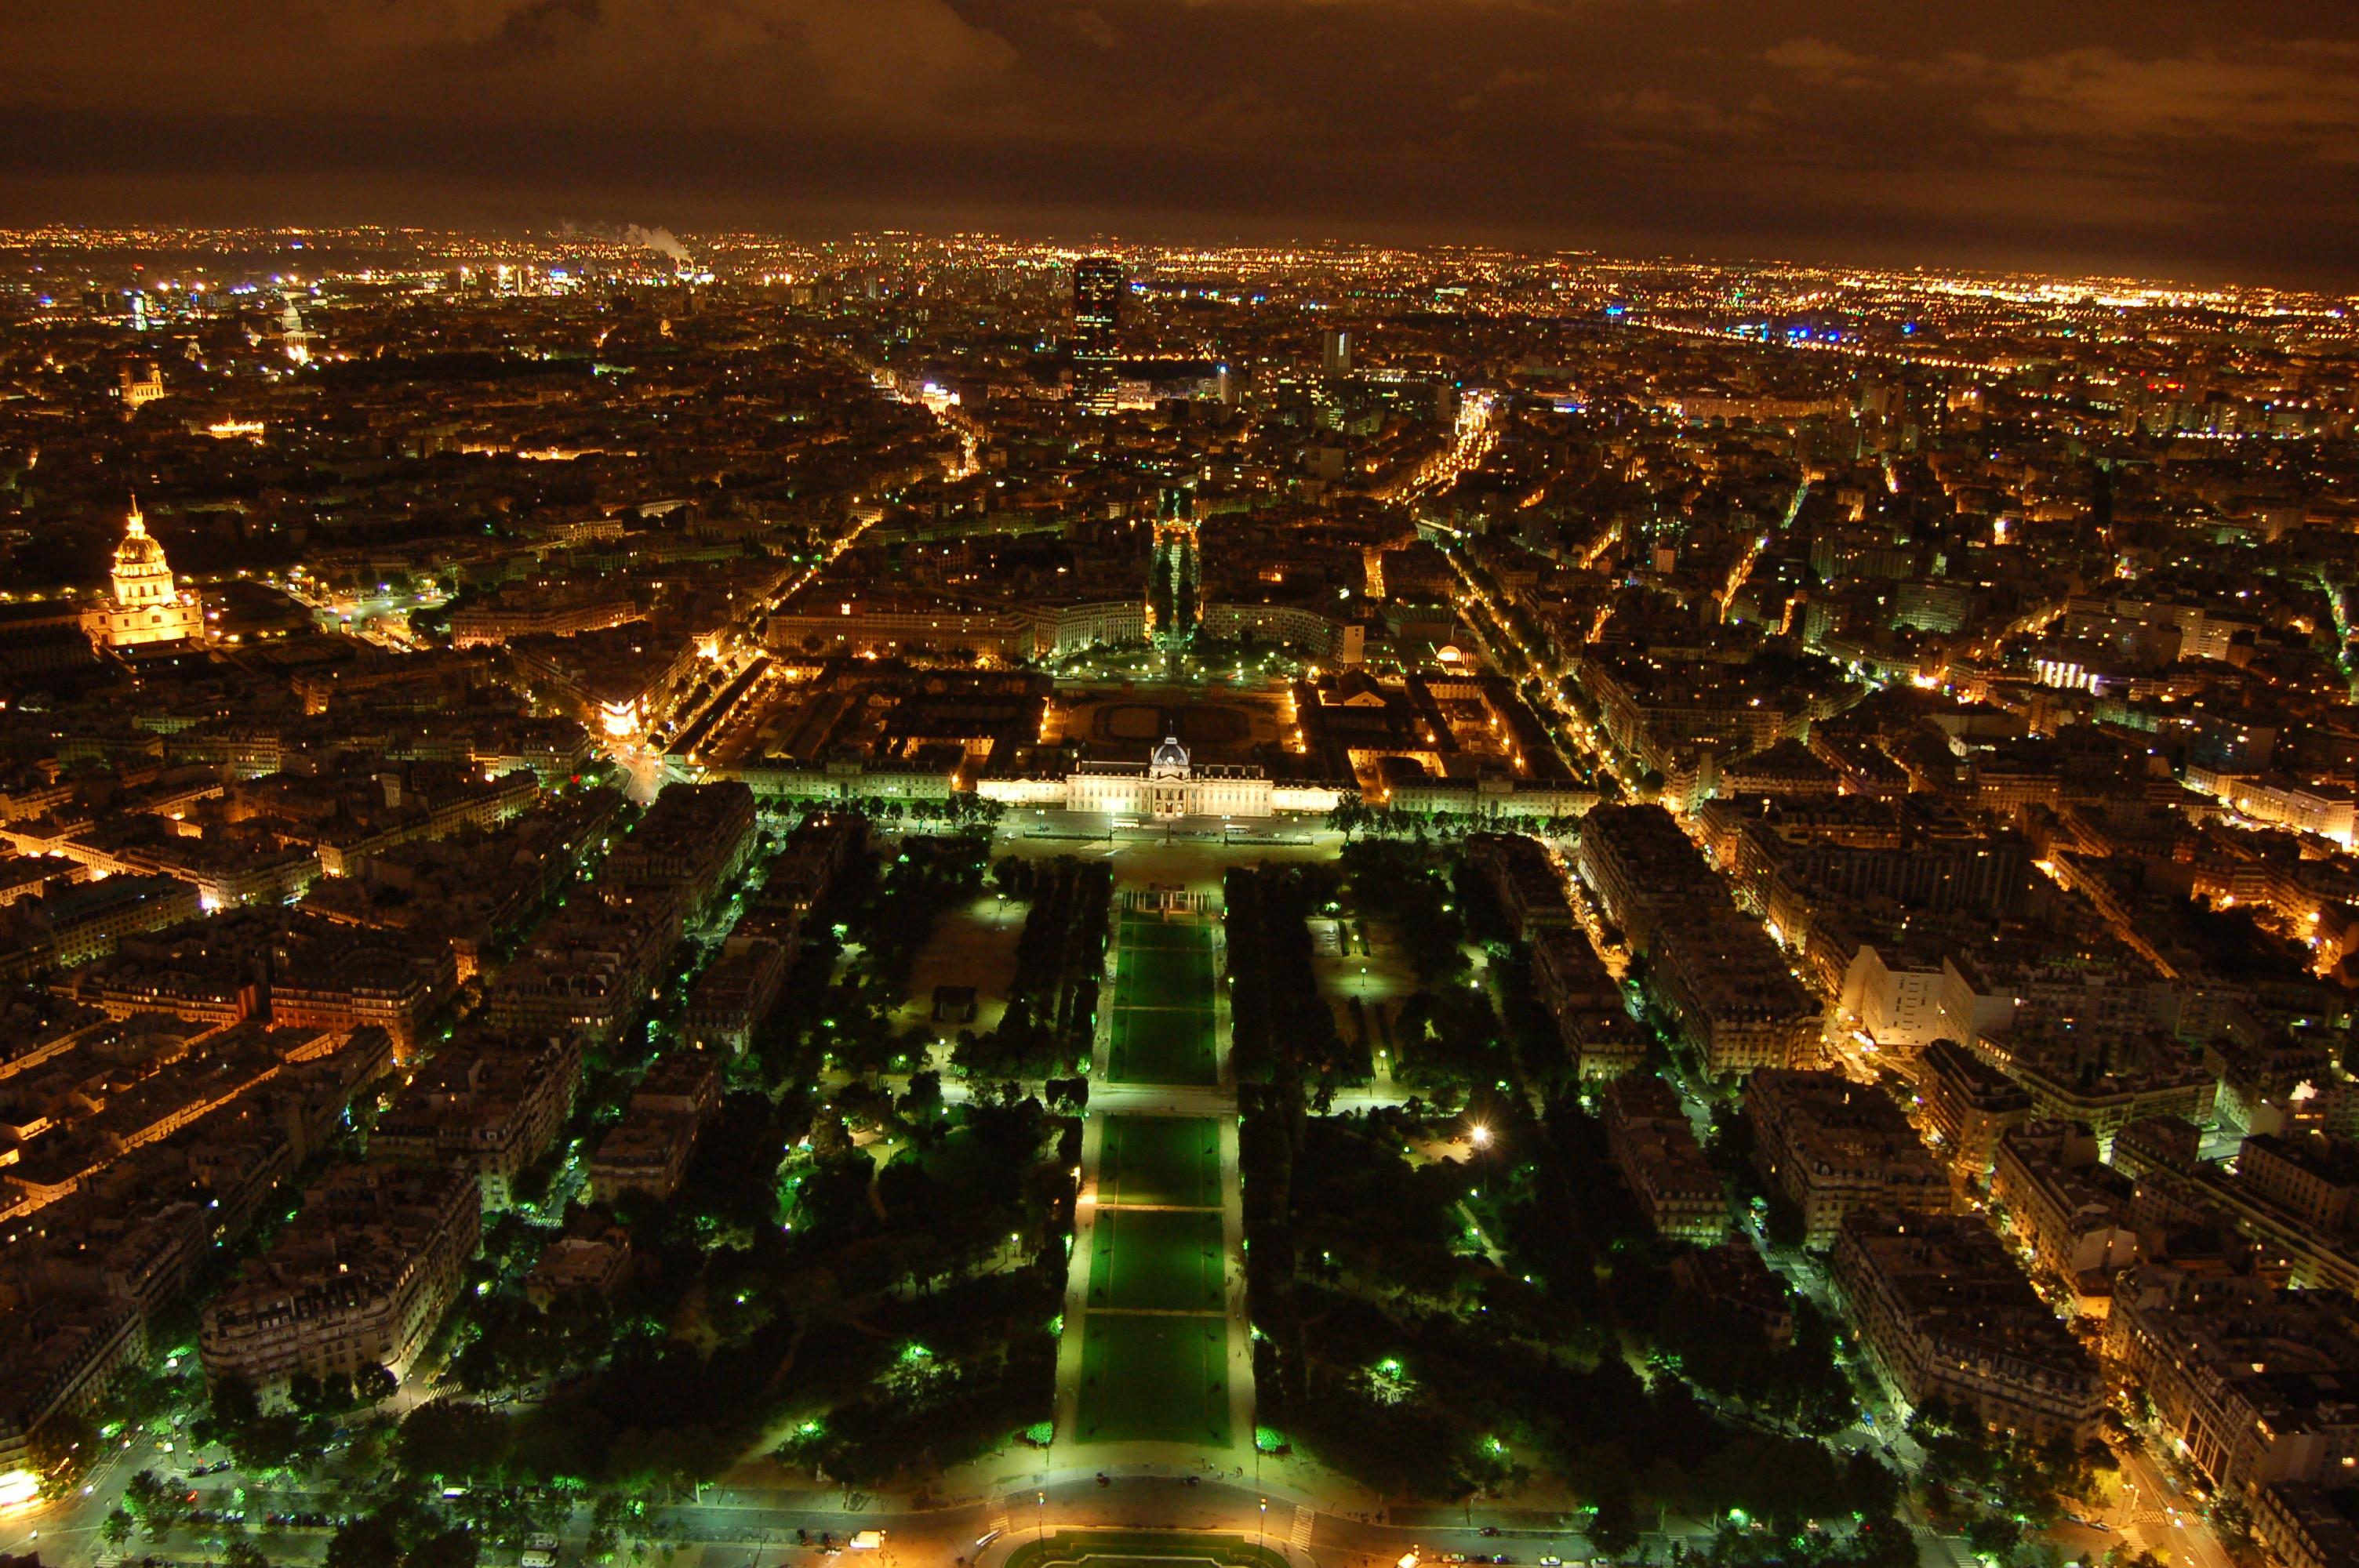 noční pohled z Eiffleovy věže V.JPG